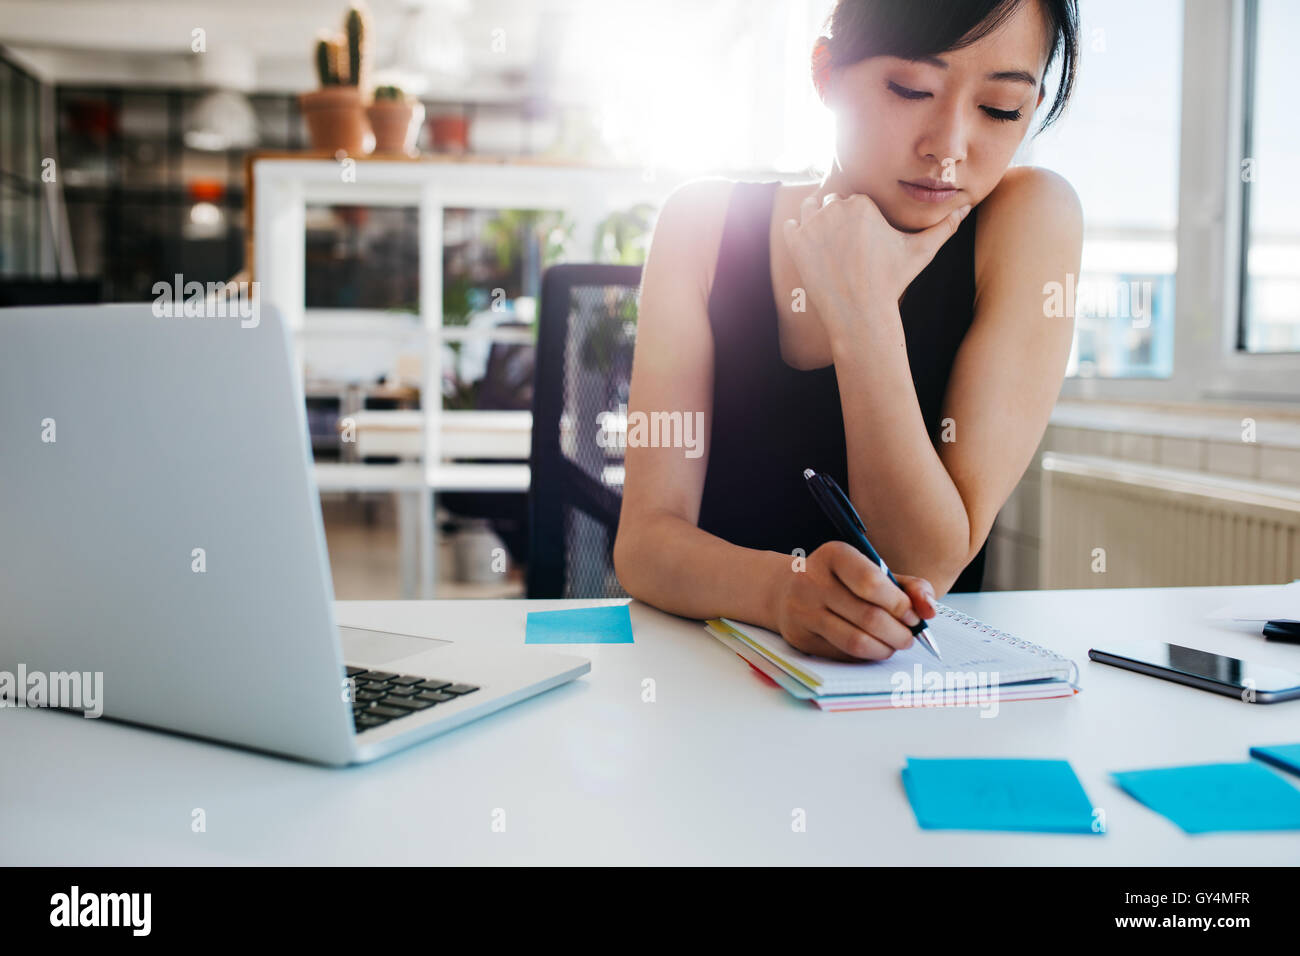 Foto de la empresaria asiática escribir notas en el bloc de notas. Mujer sentada en su escritorio ejecutivo Imagen De Stock